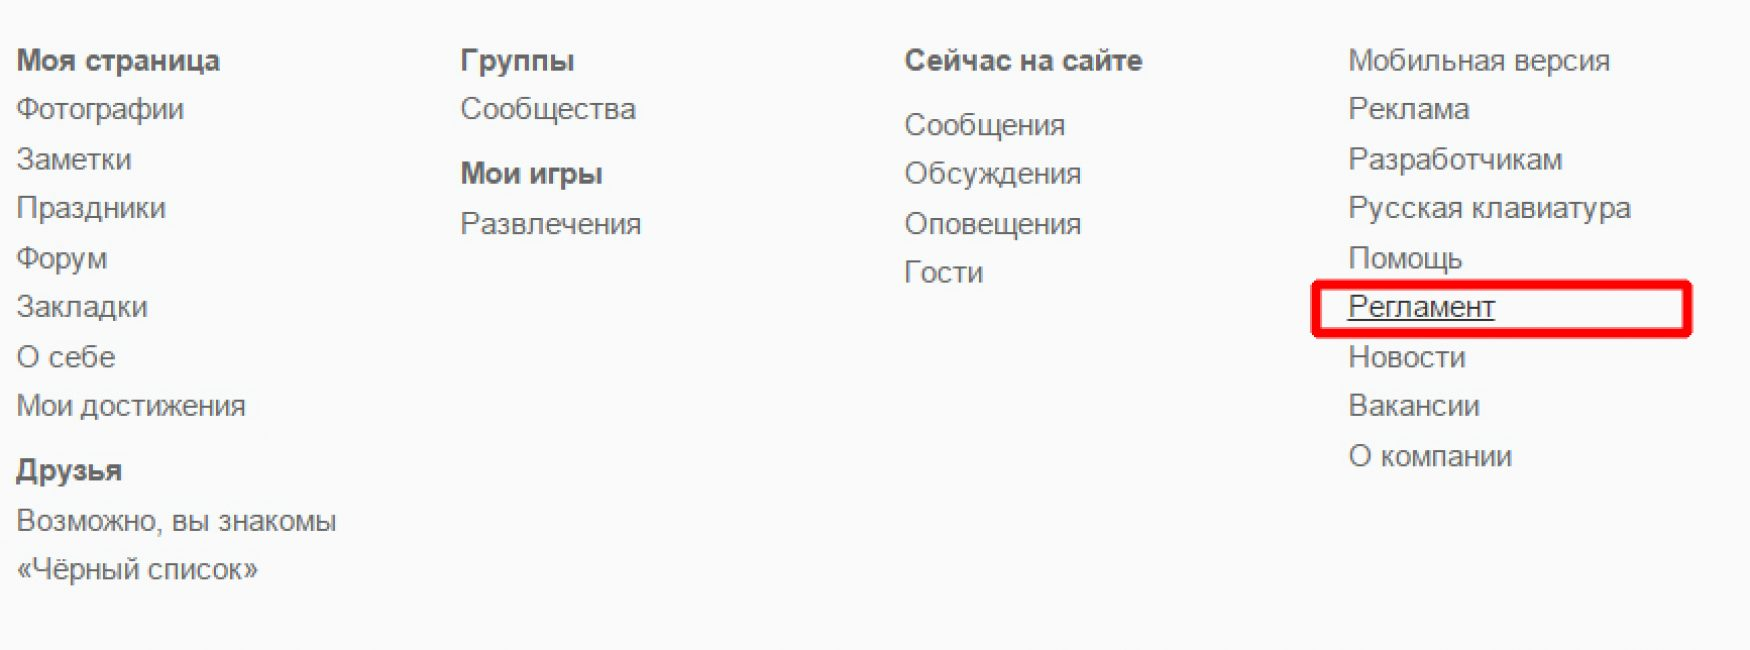 """""""Одноклассники"""" регламент"""